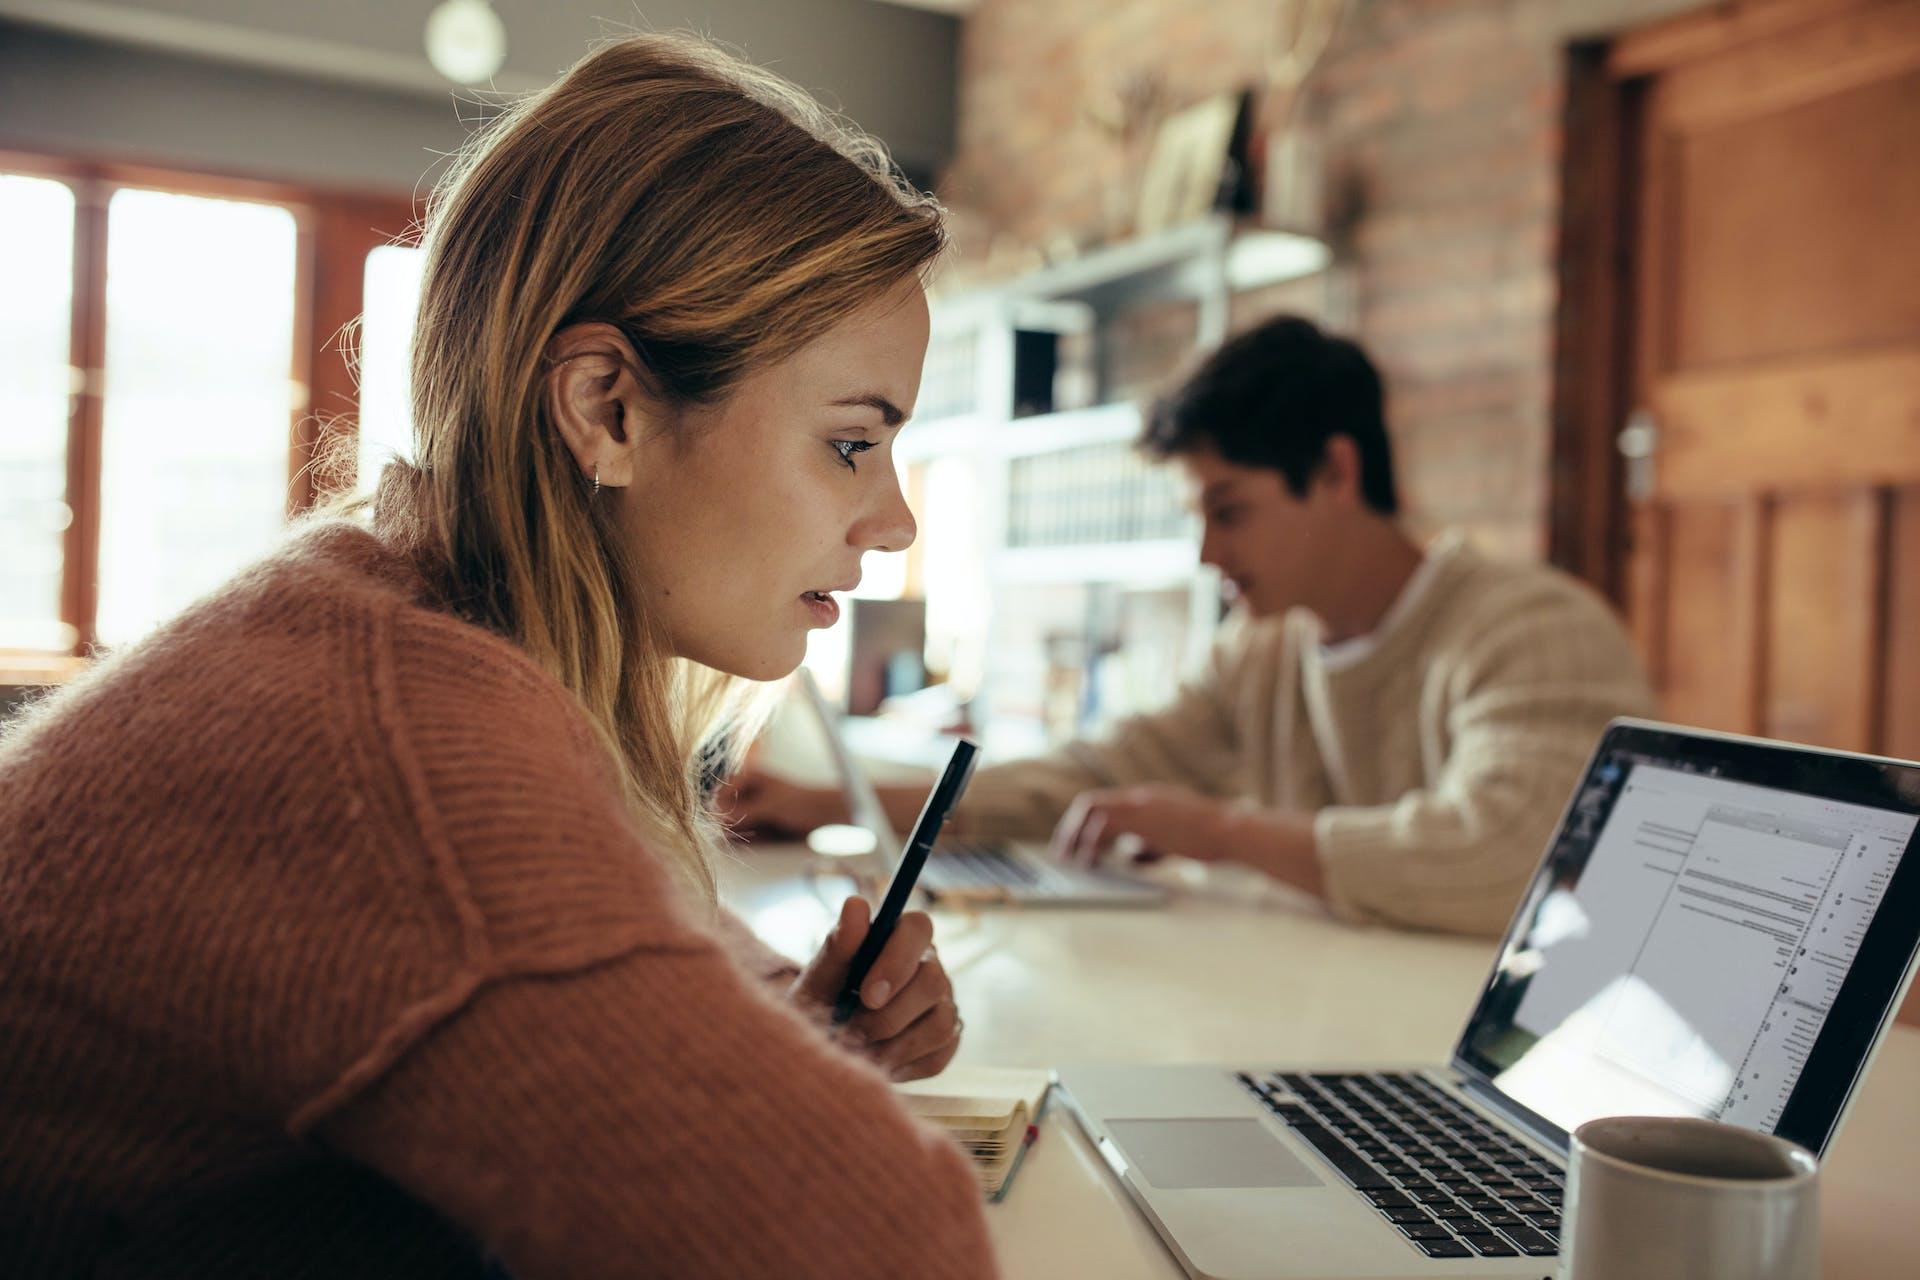 Junge Frau sitzt im Cafe und schaut auf ihren Laptop